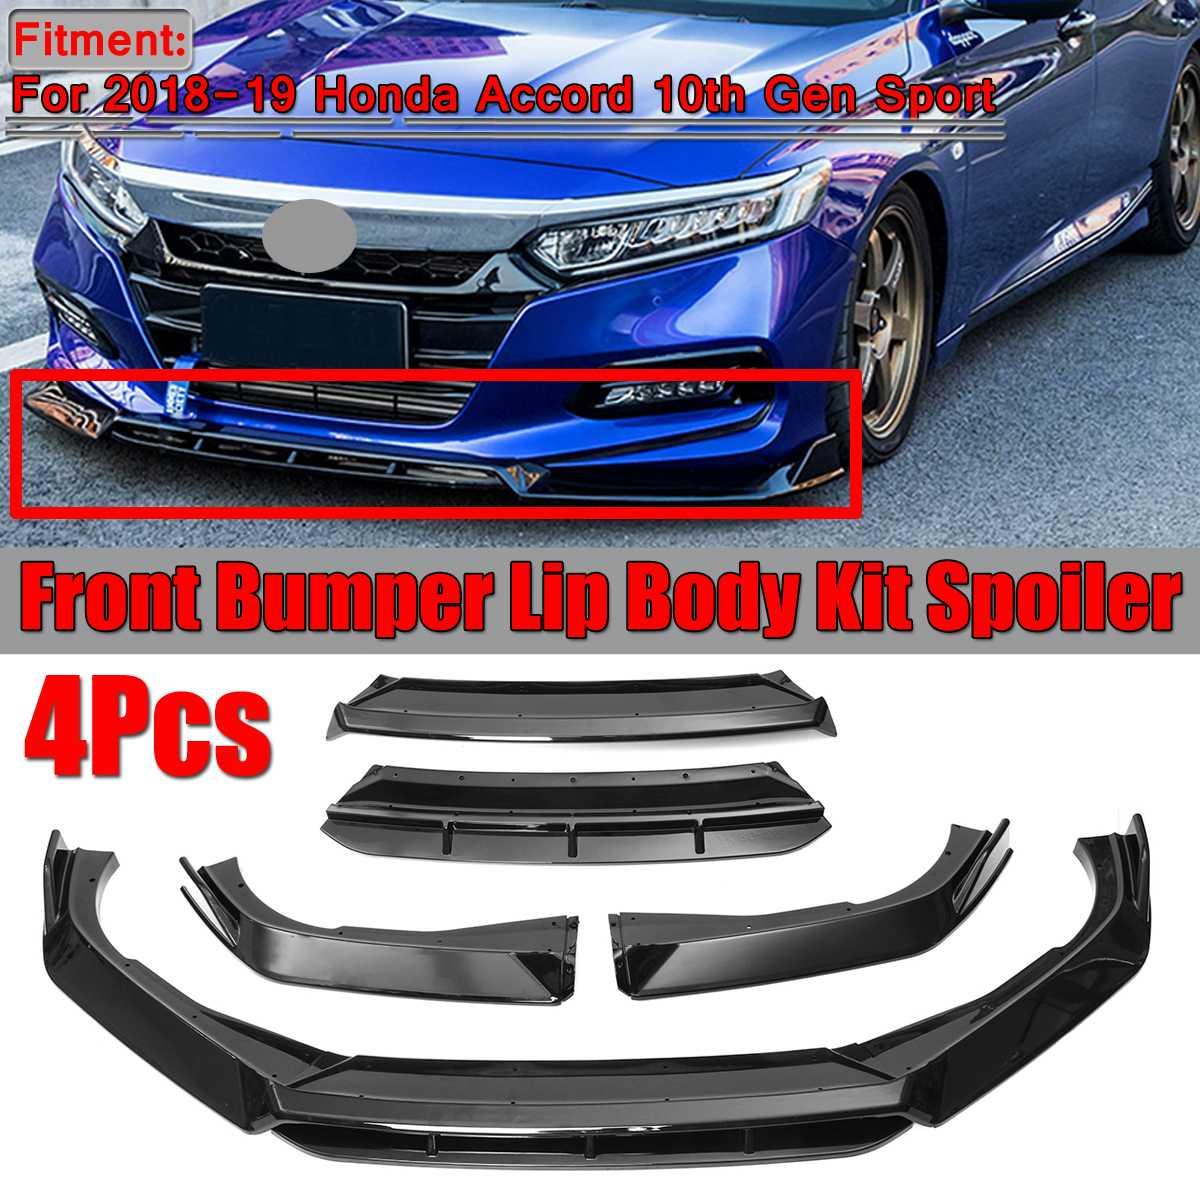 Separador de labios de parachoques delantero negro 4 Uds para coche, Kit de carrocería, divisor de alerón, parachoques delantero para Honda Accord para 10 2018-19 Gen Sport